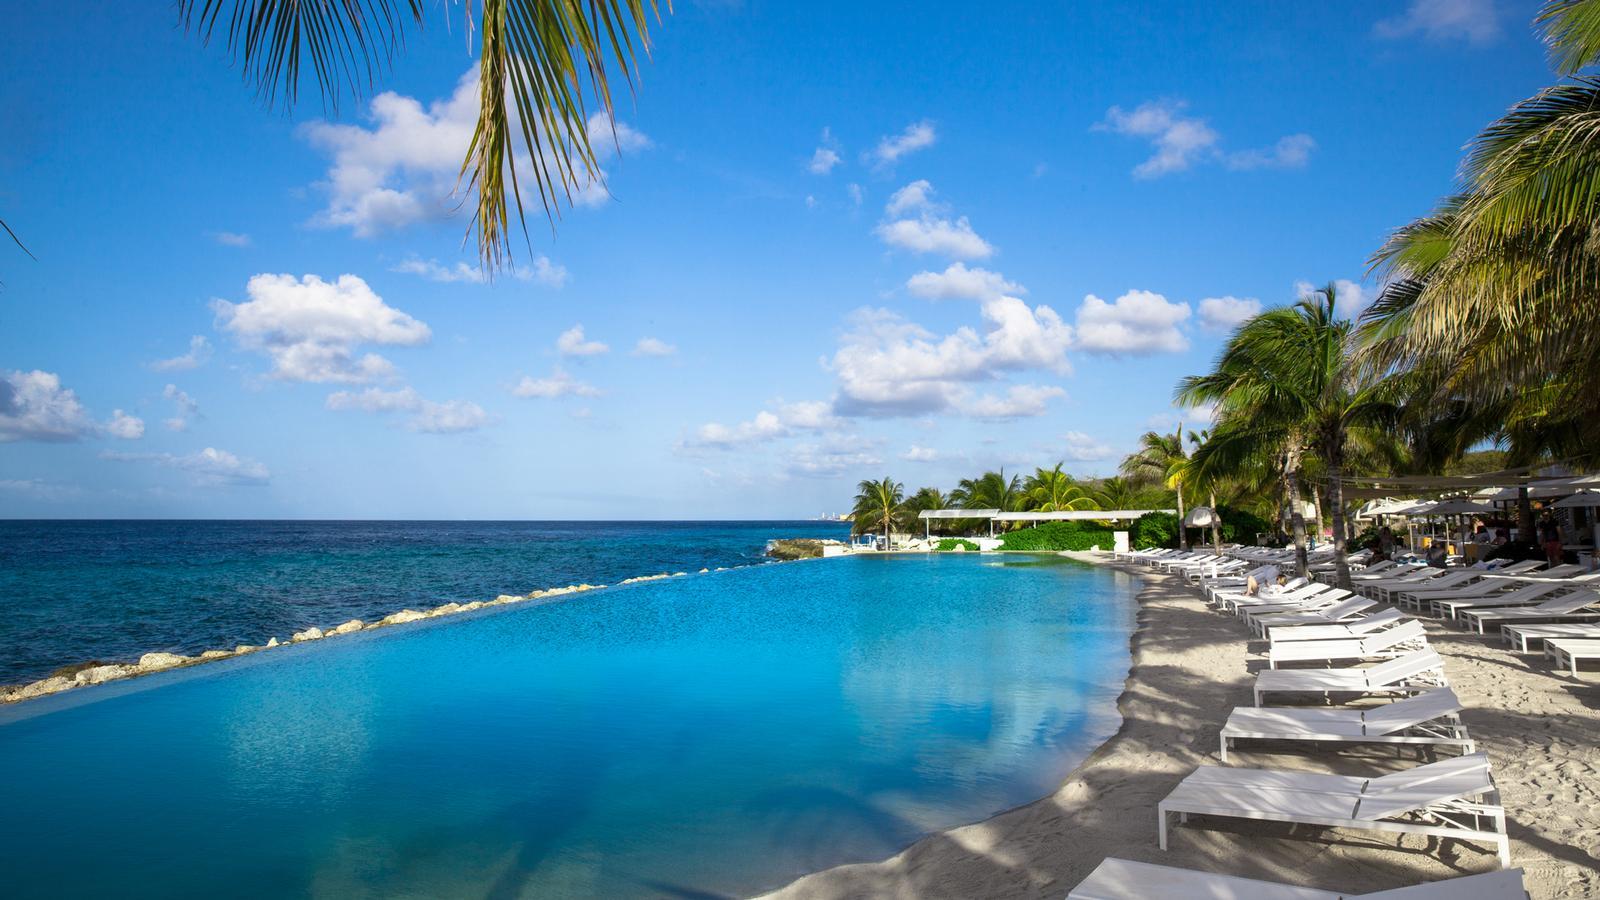 Bo på Papagayo Beach Resort på Curacao og du vil oppleve en nydelig og avslappende ferie i tropiske omgivelser.